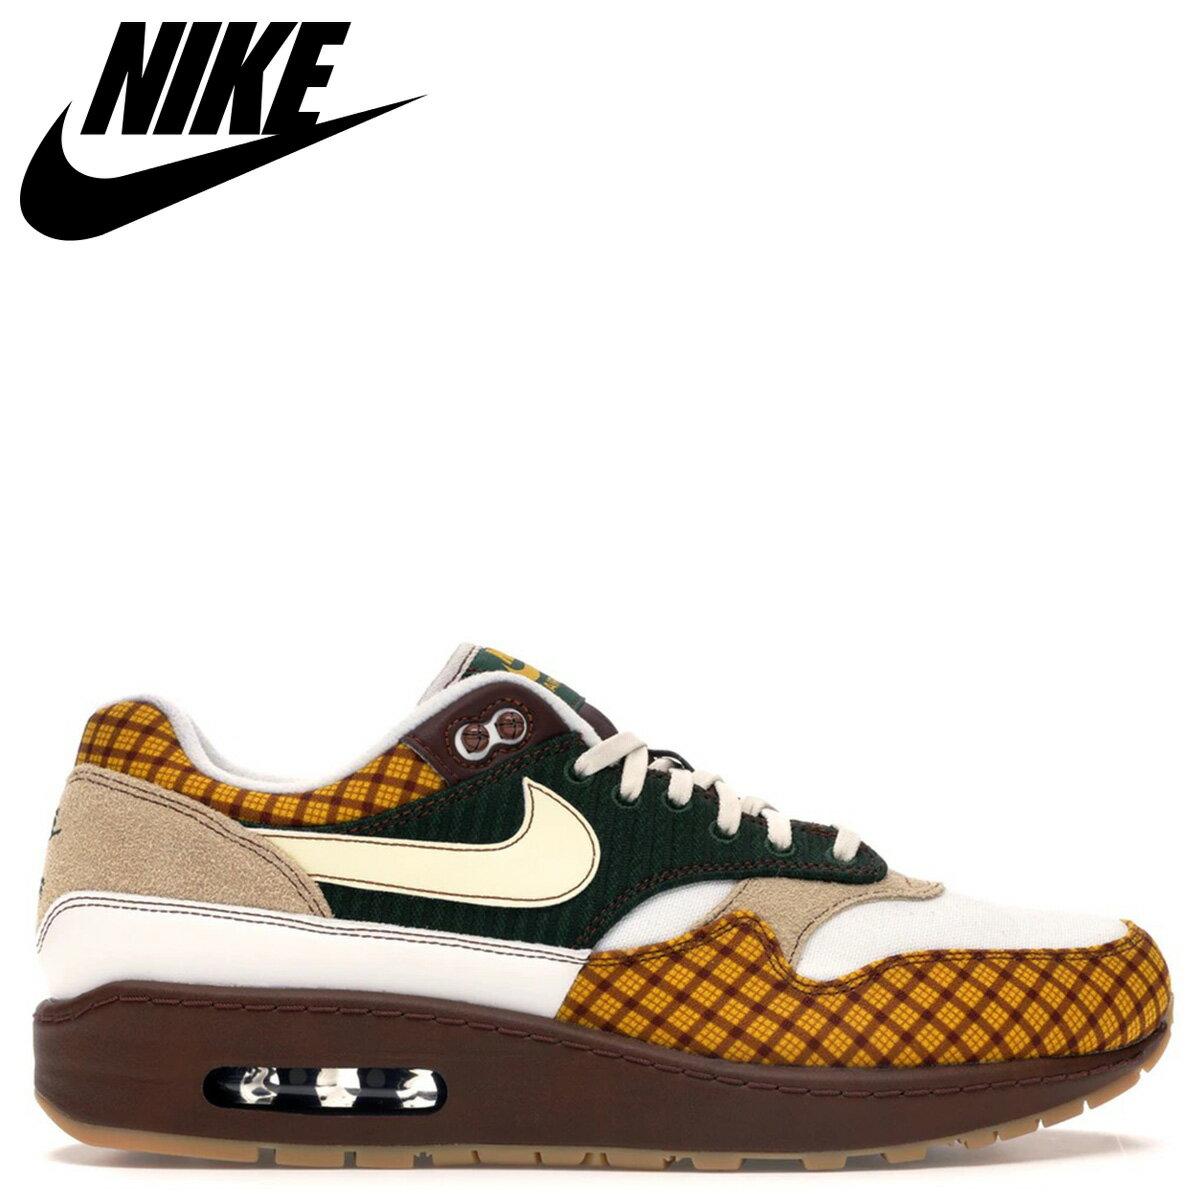 メンズ靴, スニーカー NIKE 1 AIR MAX 1 SUSAN MISSING LINK CK6643-100 zzi